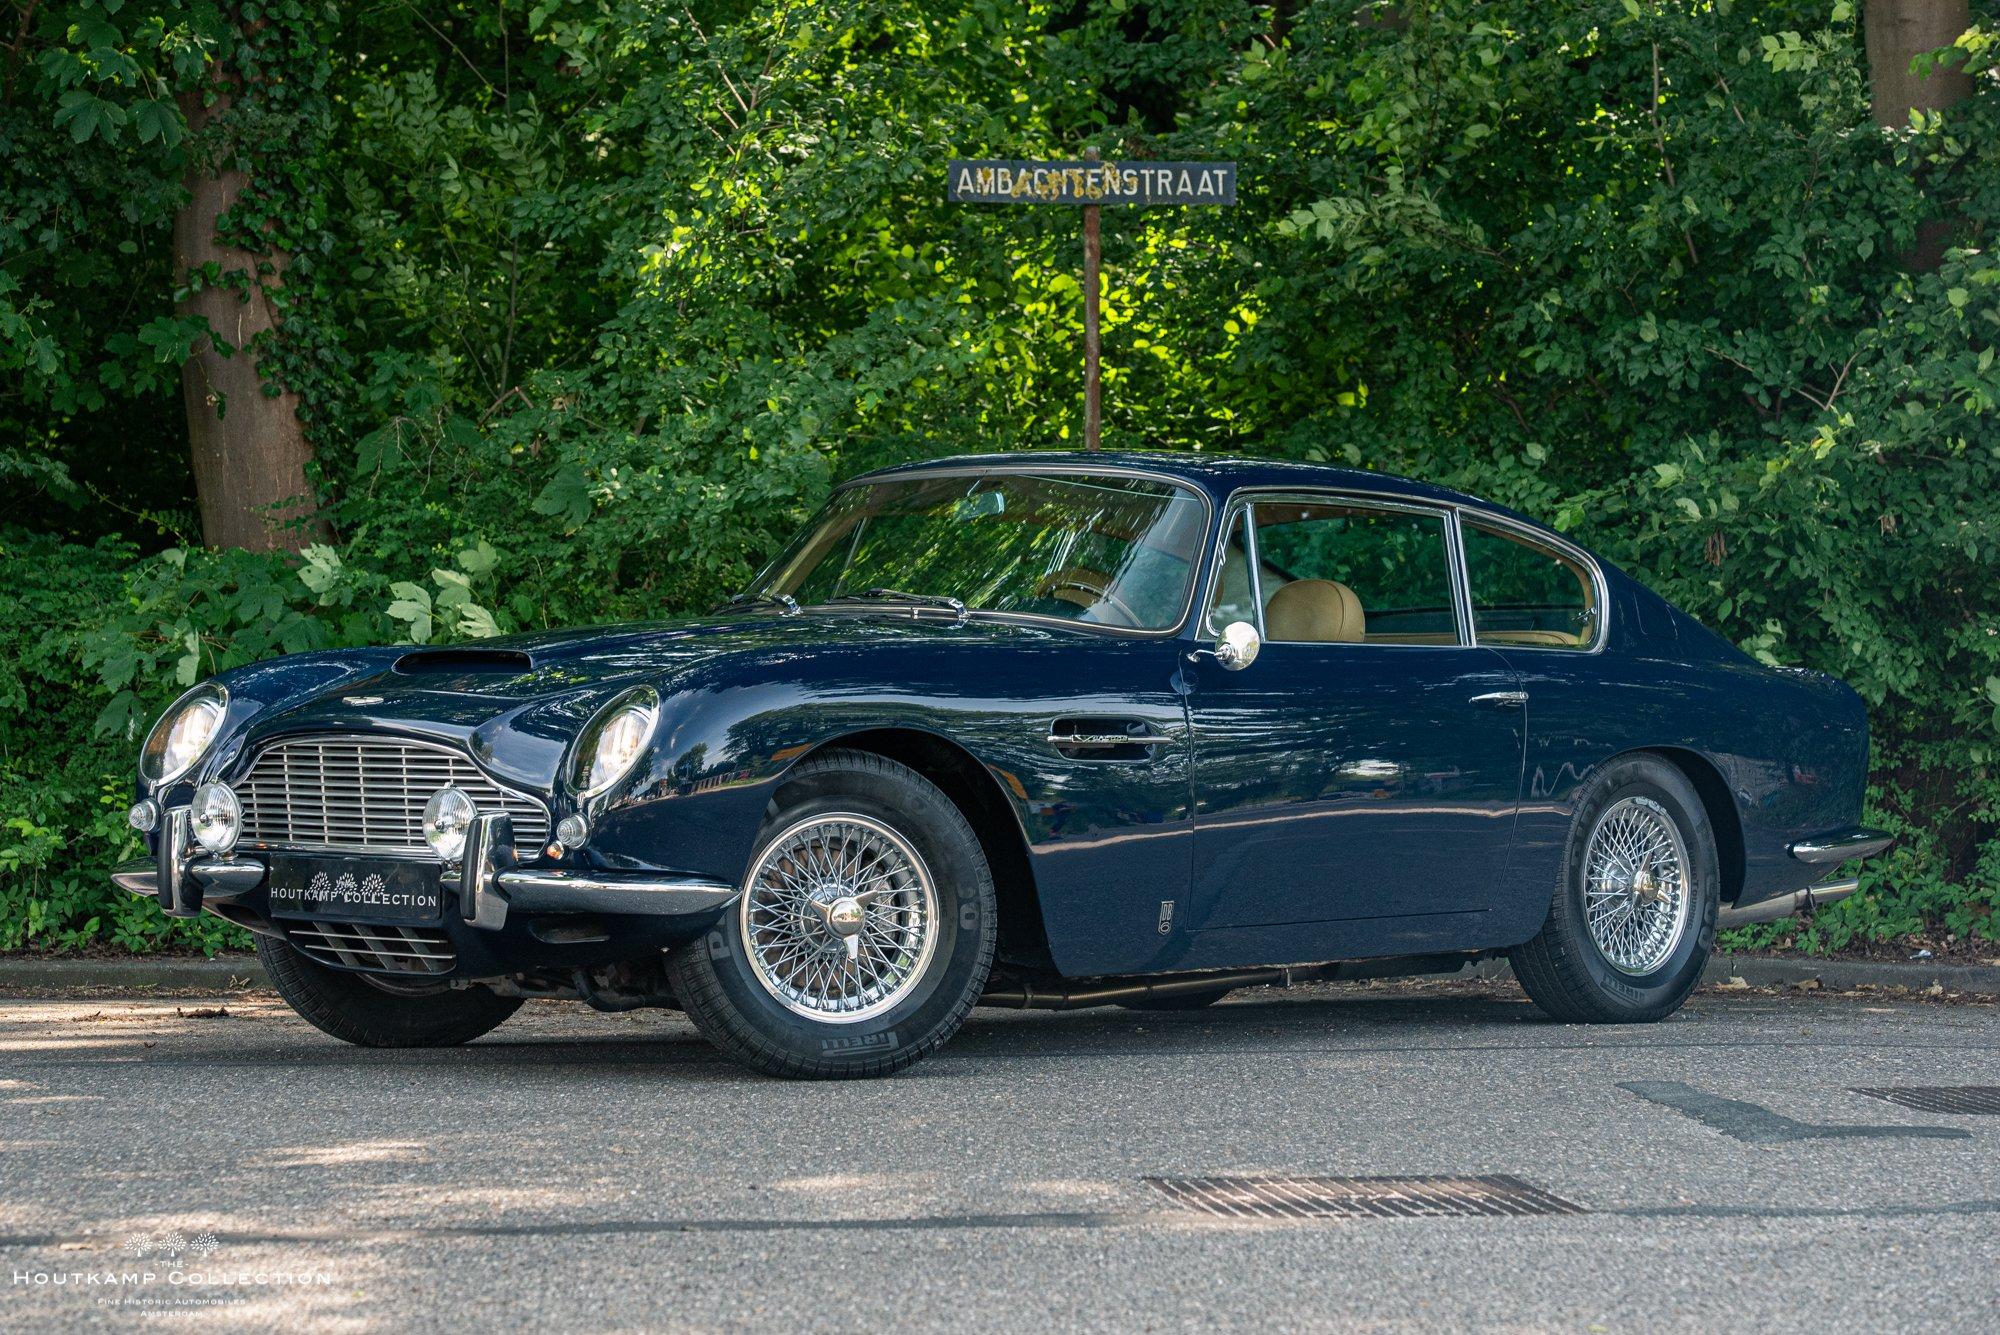 1966 Aston Martin Db6 An Ultra Rare Original Left Hand Drive Db6 Oldtimer Zu Verkaufen